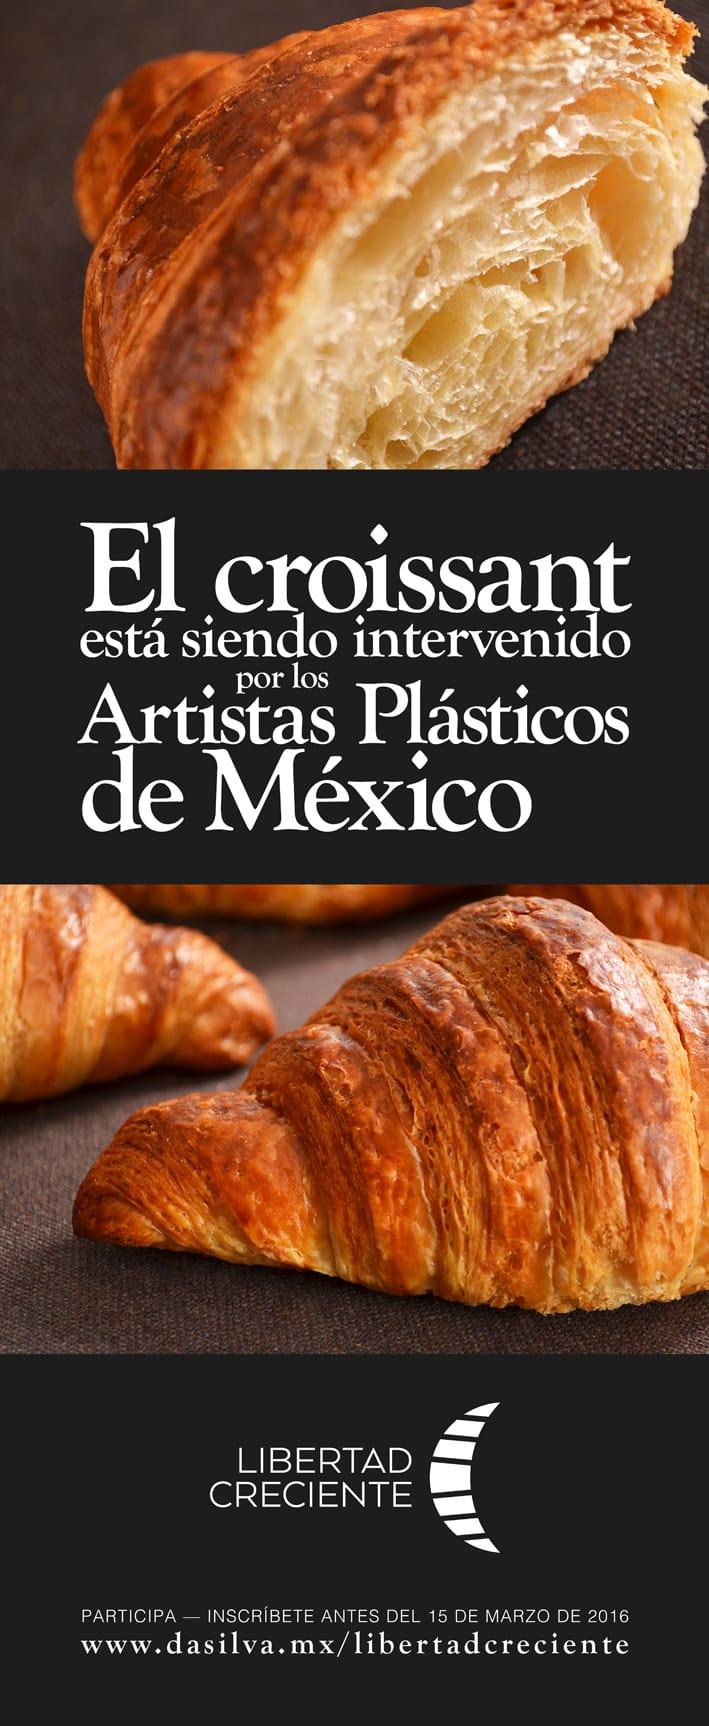 el croissant esta siendo intervenido por los artistas plasticos de mexico